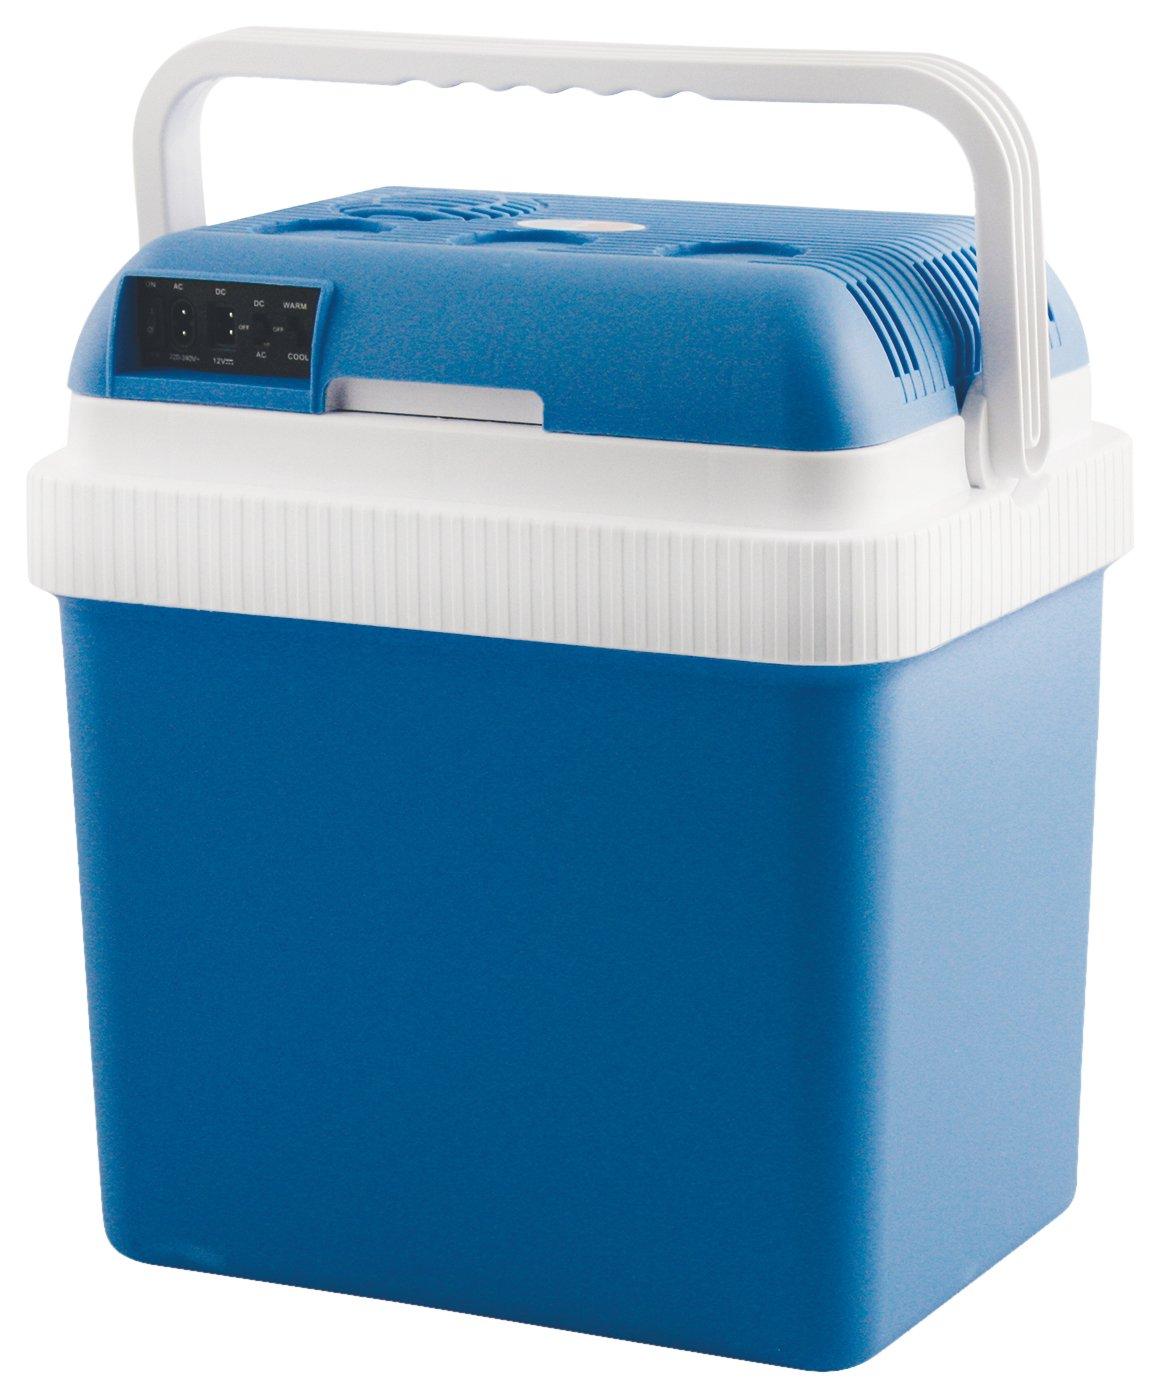 Kooper 2410852 Kühlbox Warm/Kalt, 24 LT, 50 W, Blau FROT